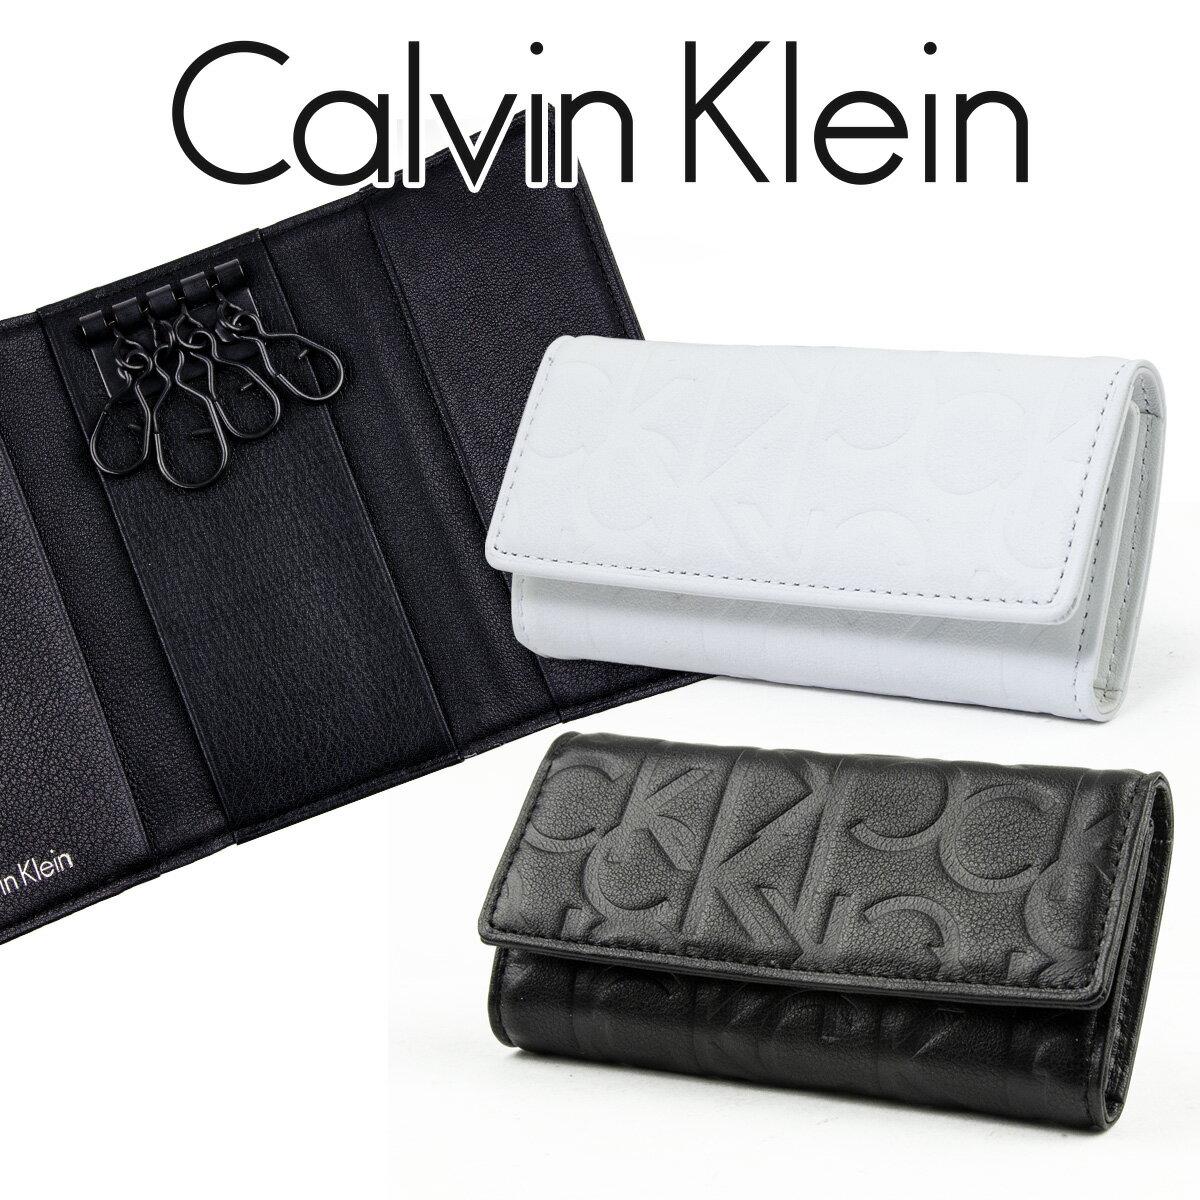 カルバンクライン キーケース Calvin Klein 小銭入れあり 4連キーケース ラッシュ 牛革 メンズ 正規品 新品 ブランド 2016年 ギフト プレゼント 804622 父の日